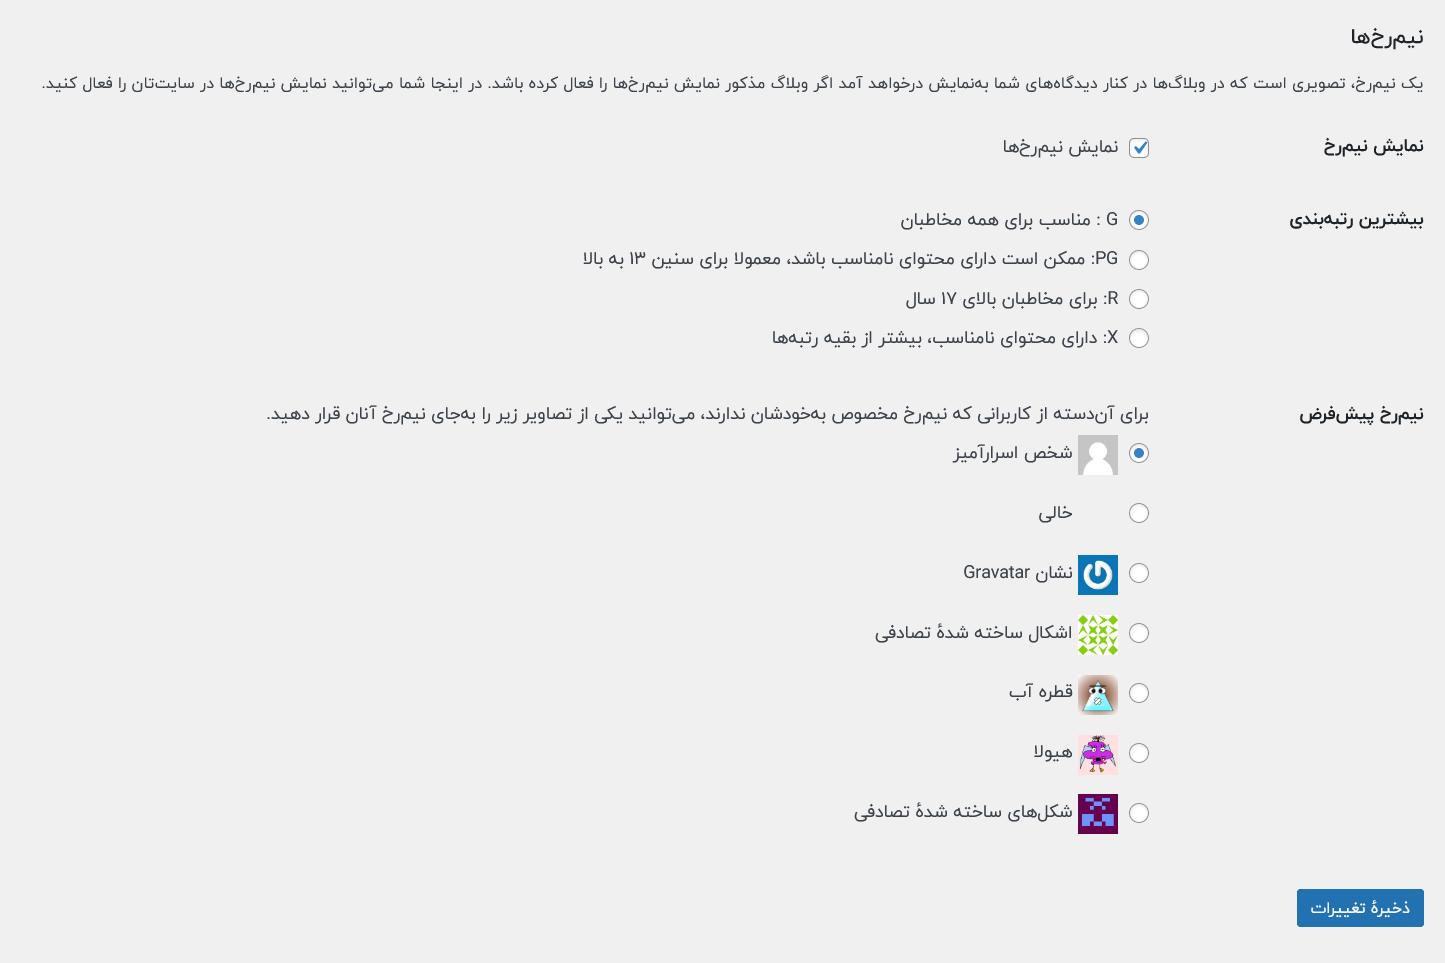 تنظیمات آواتار سایت وردپرسی